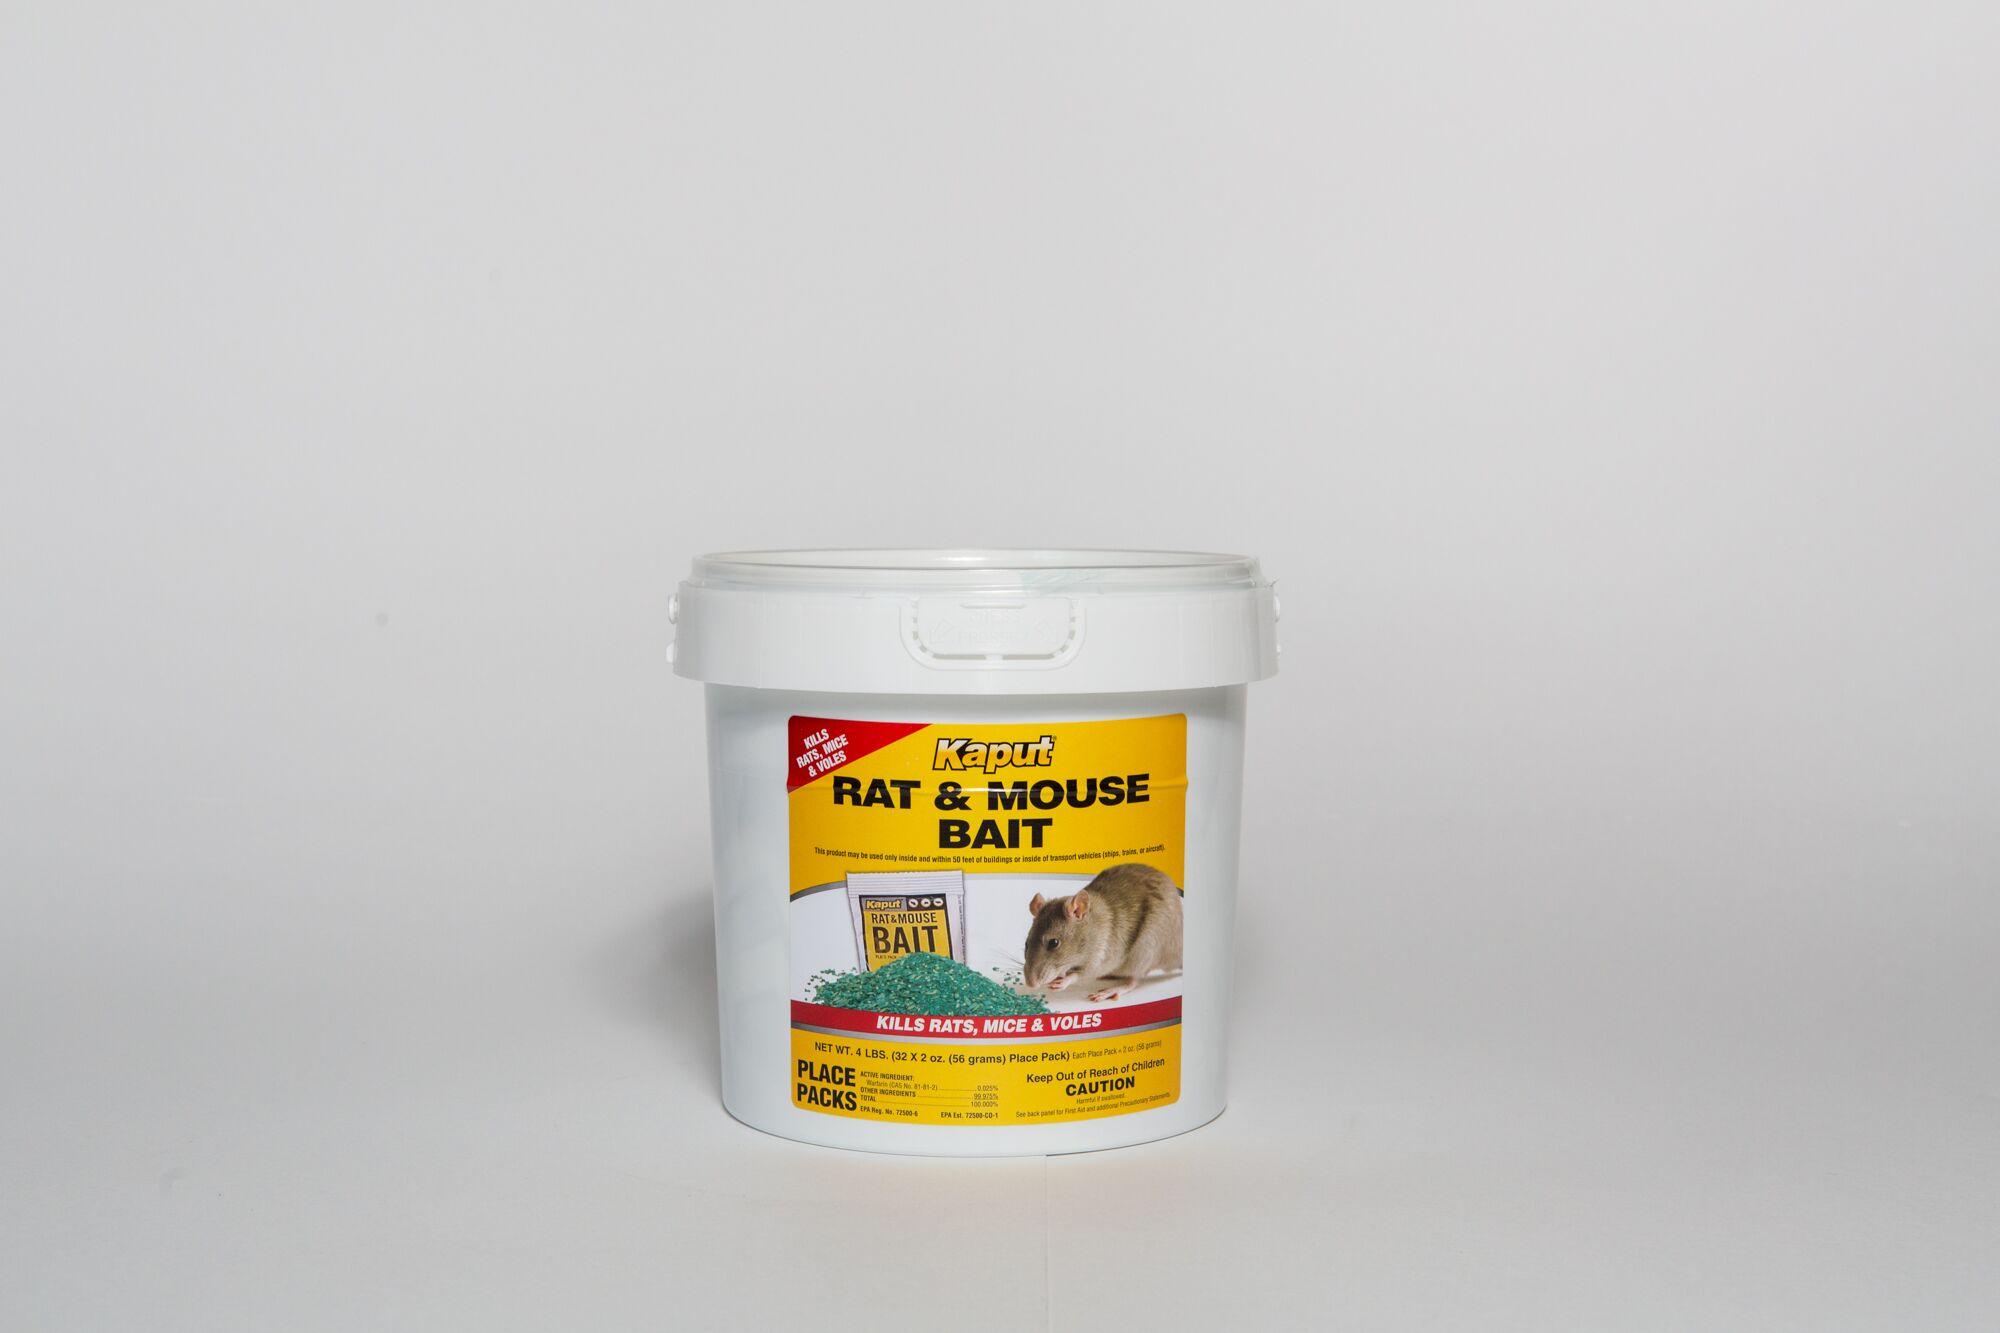 kaput rat and mouse